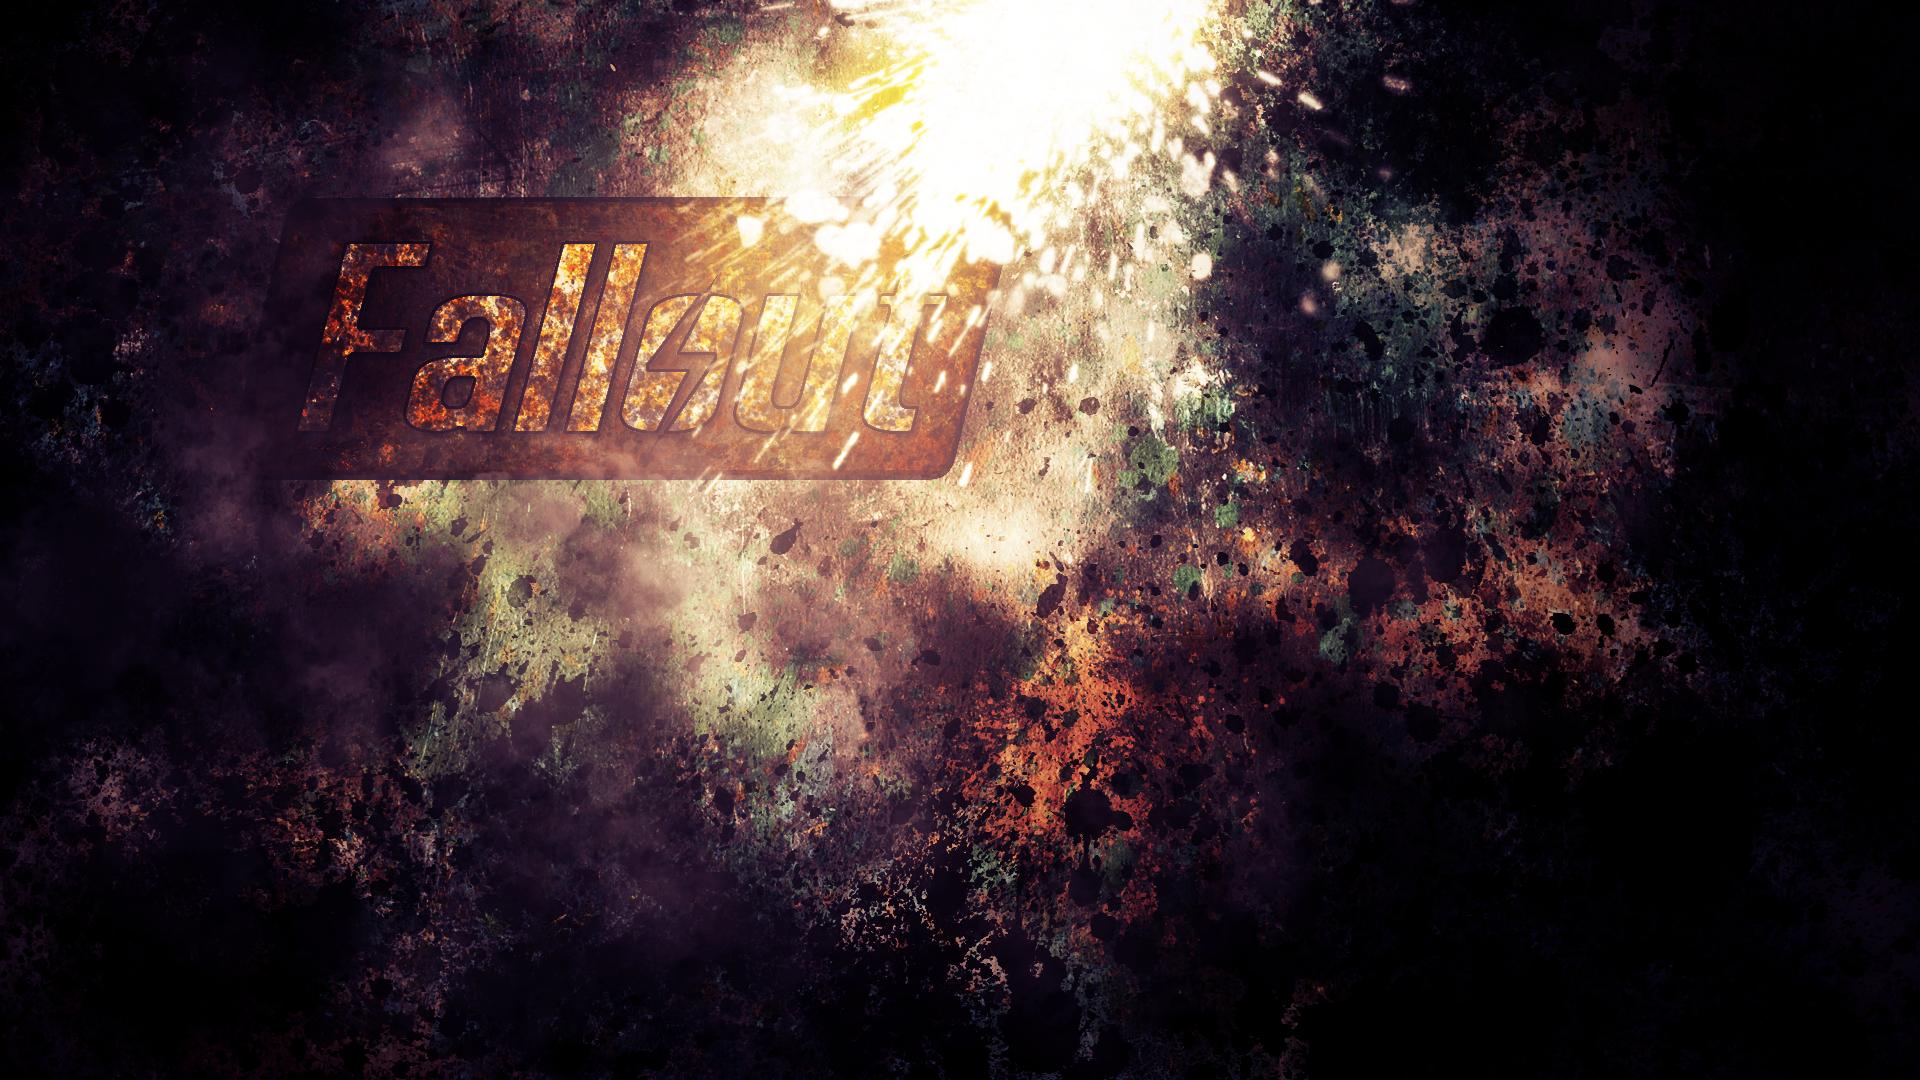 Fallout Wallpaper Imgur